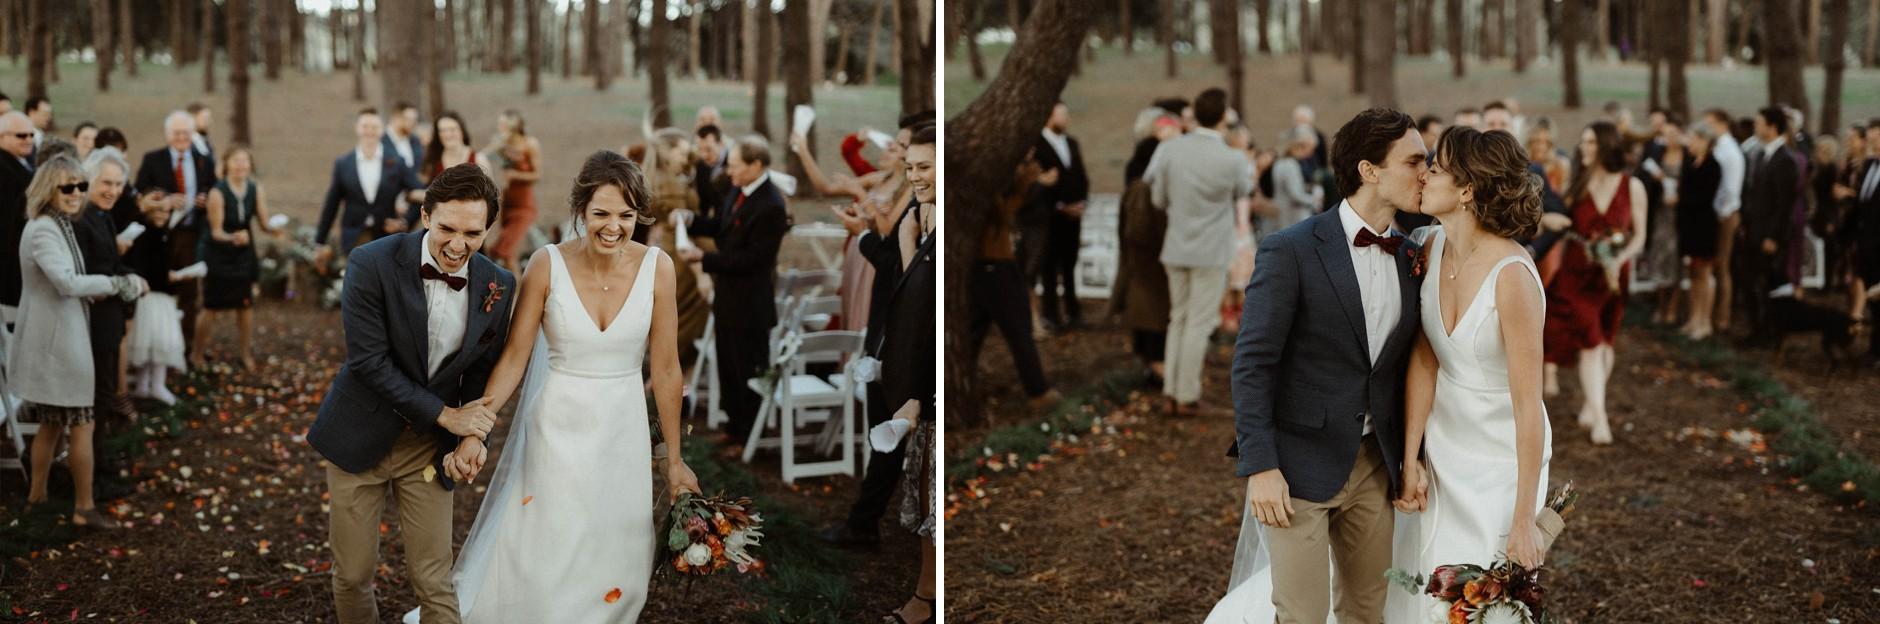 Sydney-Wedding-Photographer-kath&ross0444_Sydney-Wedding-Photographer.jpg